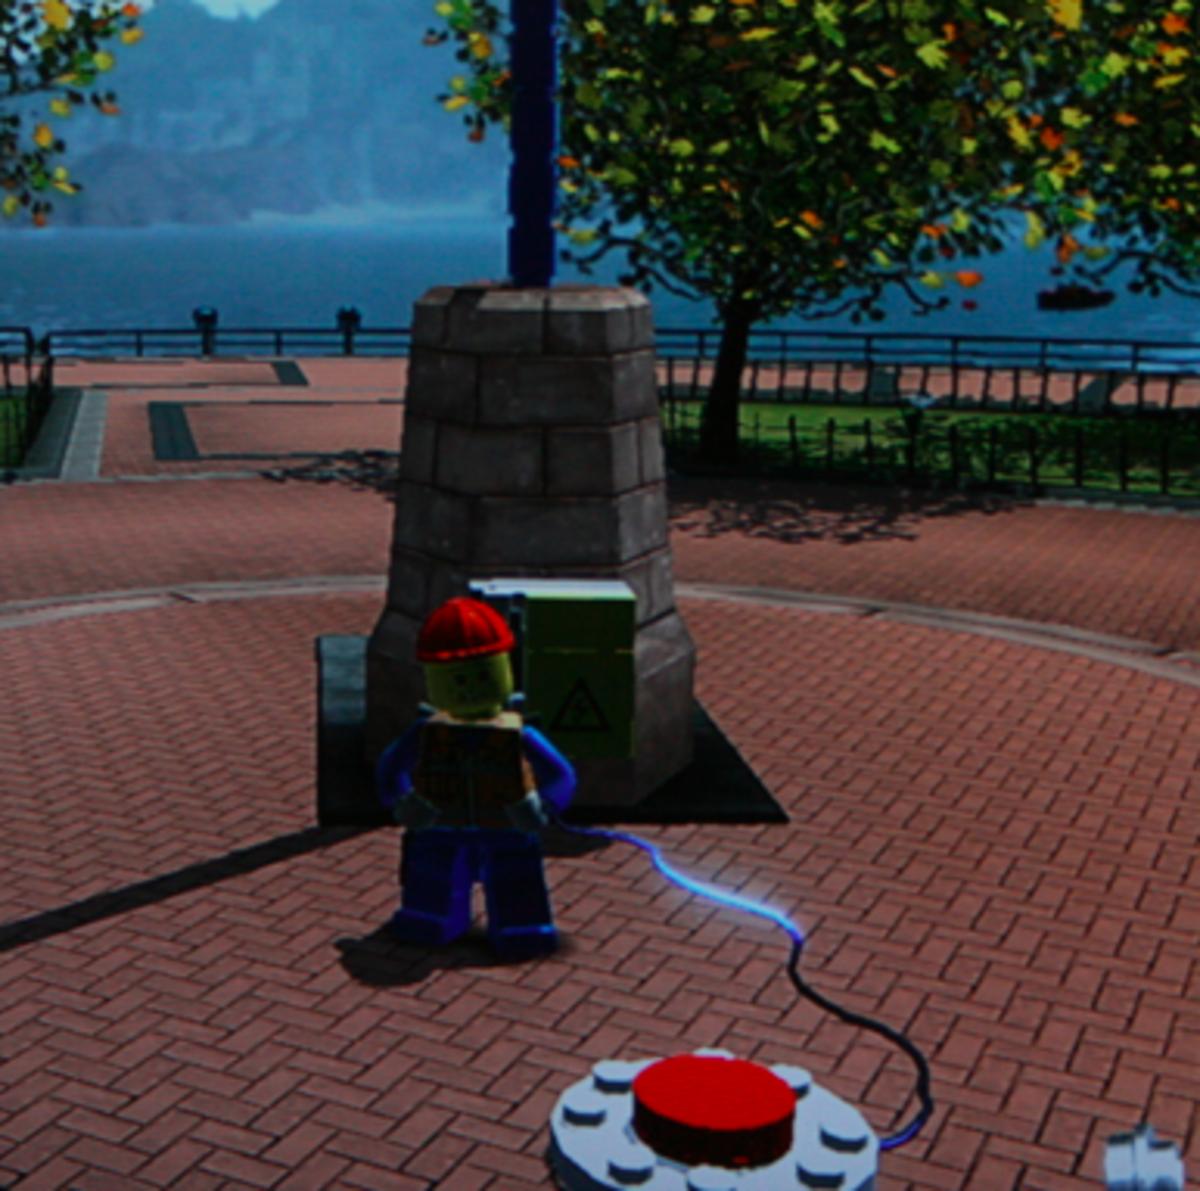 LEGO City Undercover walkthrough: Drill Thrill Locations